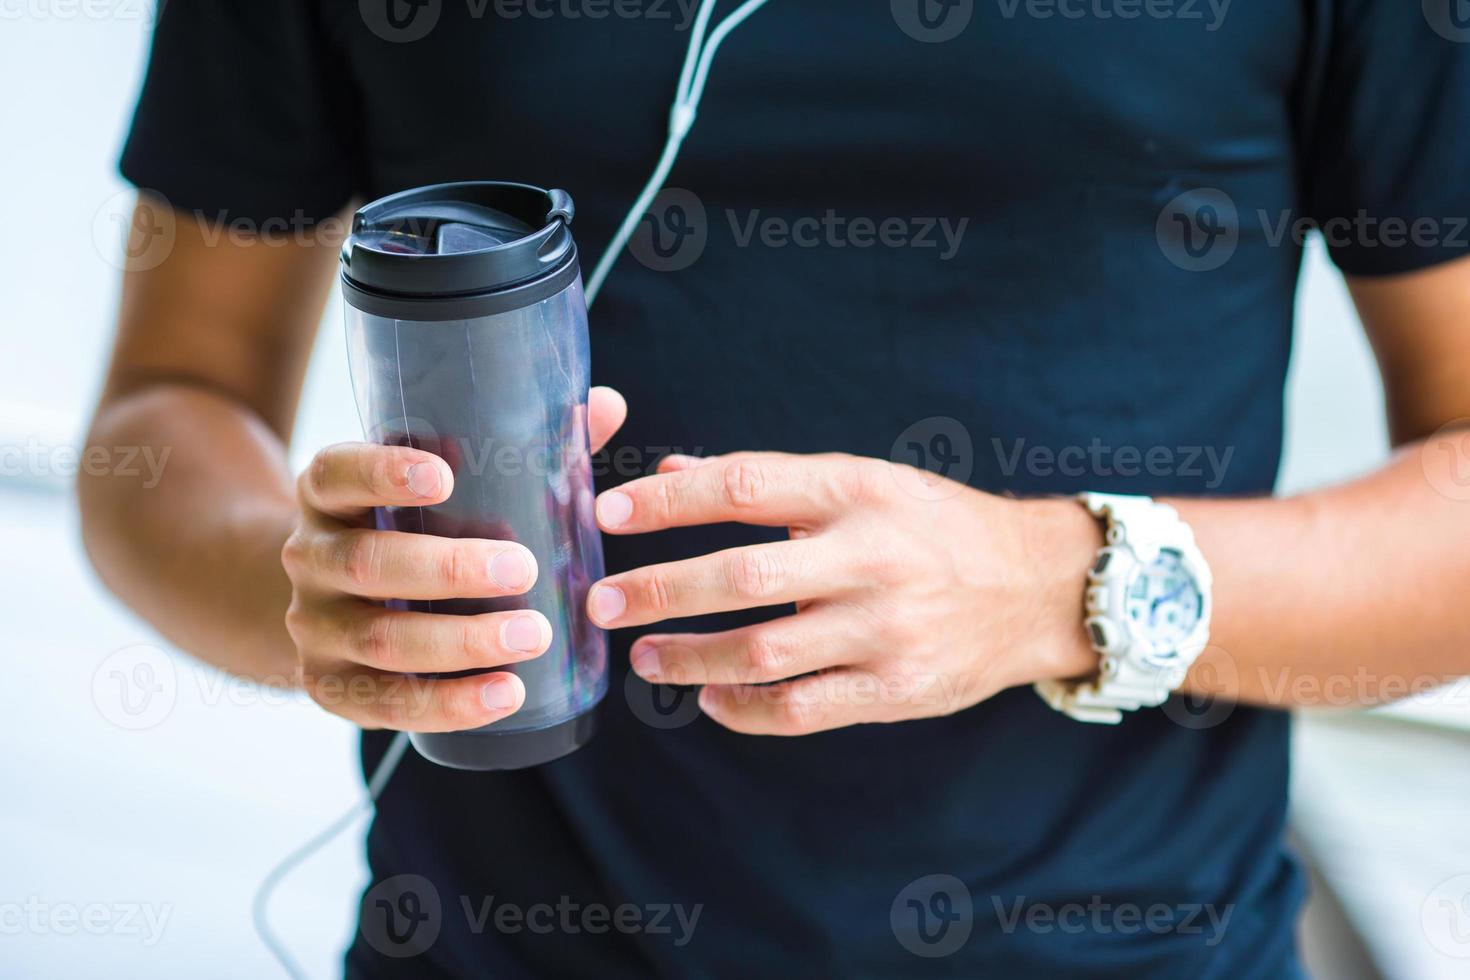 moniteur de fréquence cardiaque montre intelligente close-up et bouteille d'eau photo